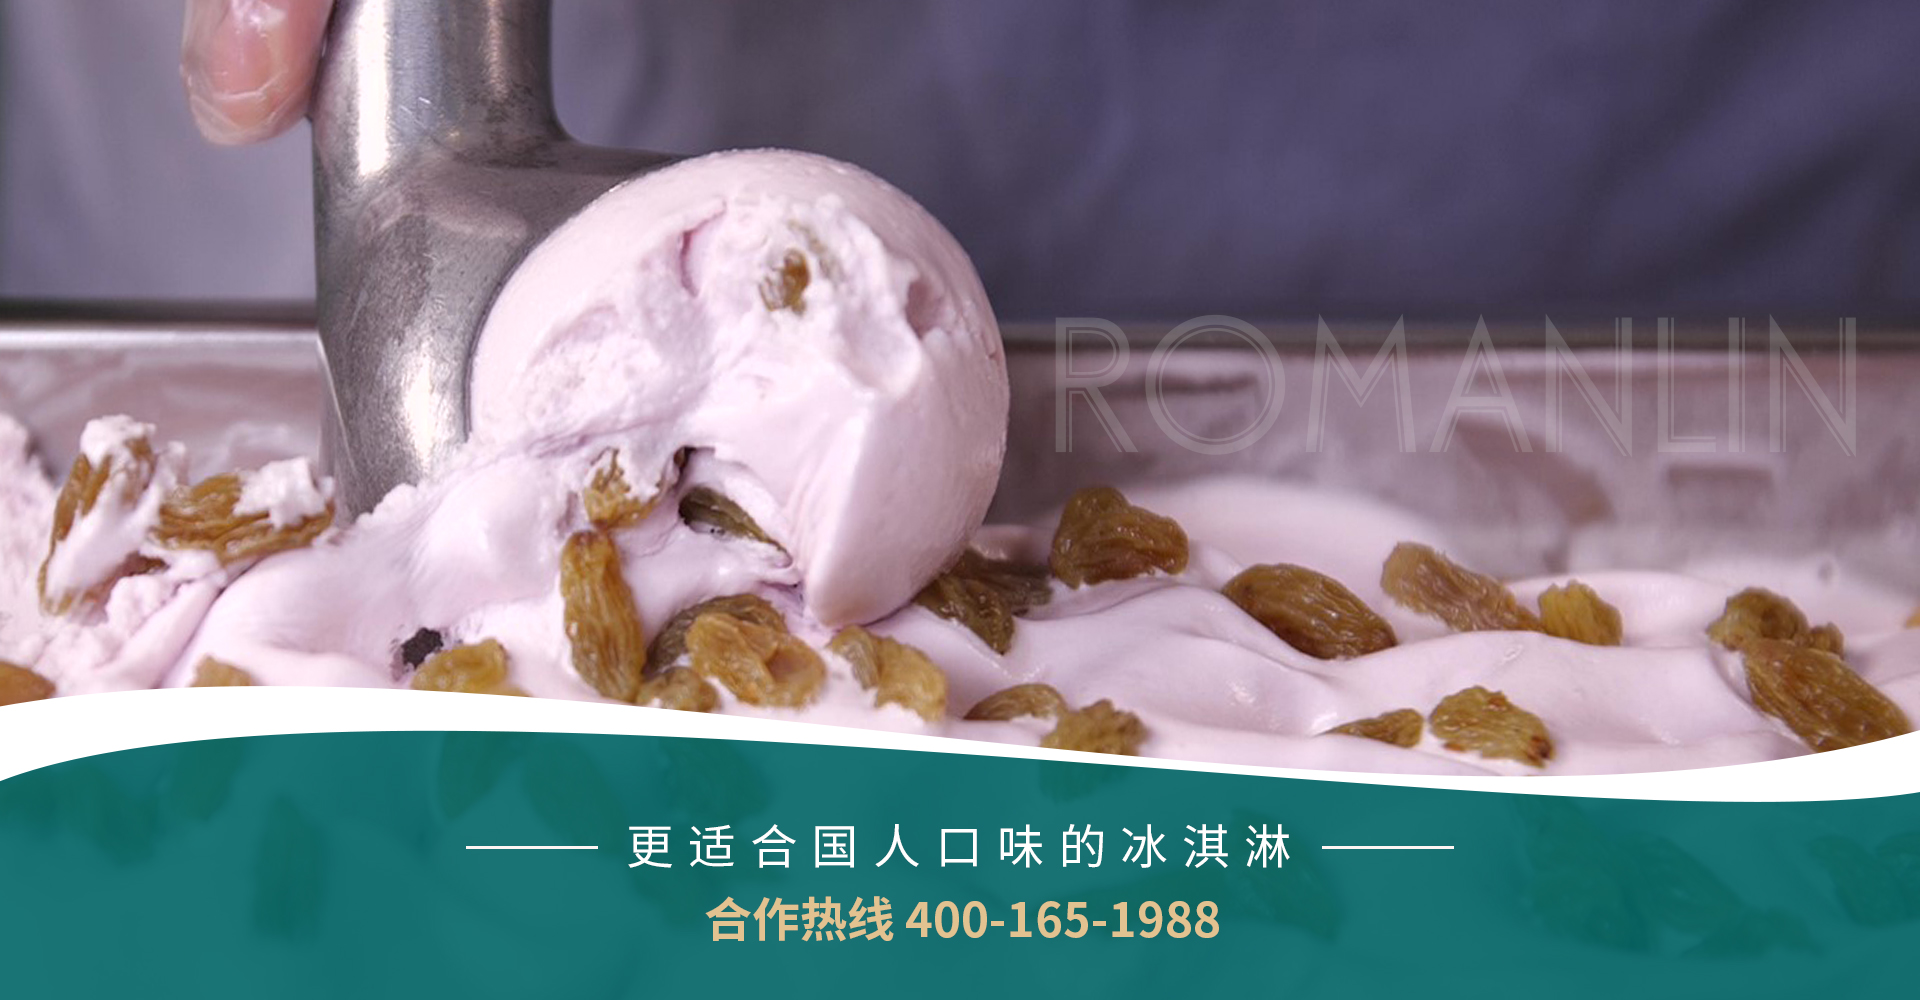 冰淇淋品牌加盟